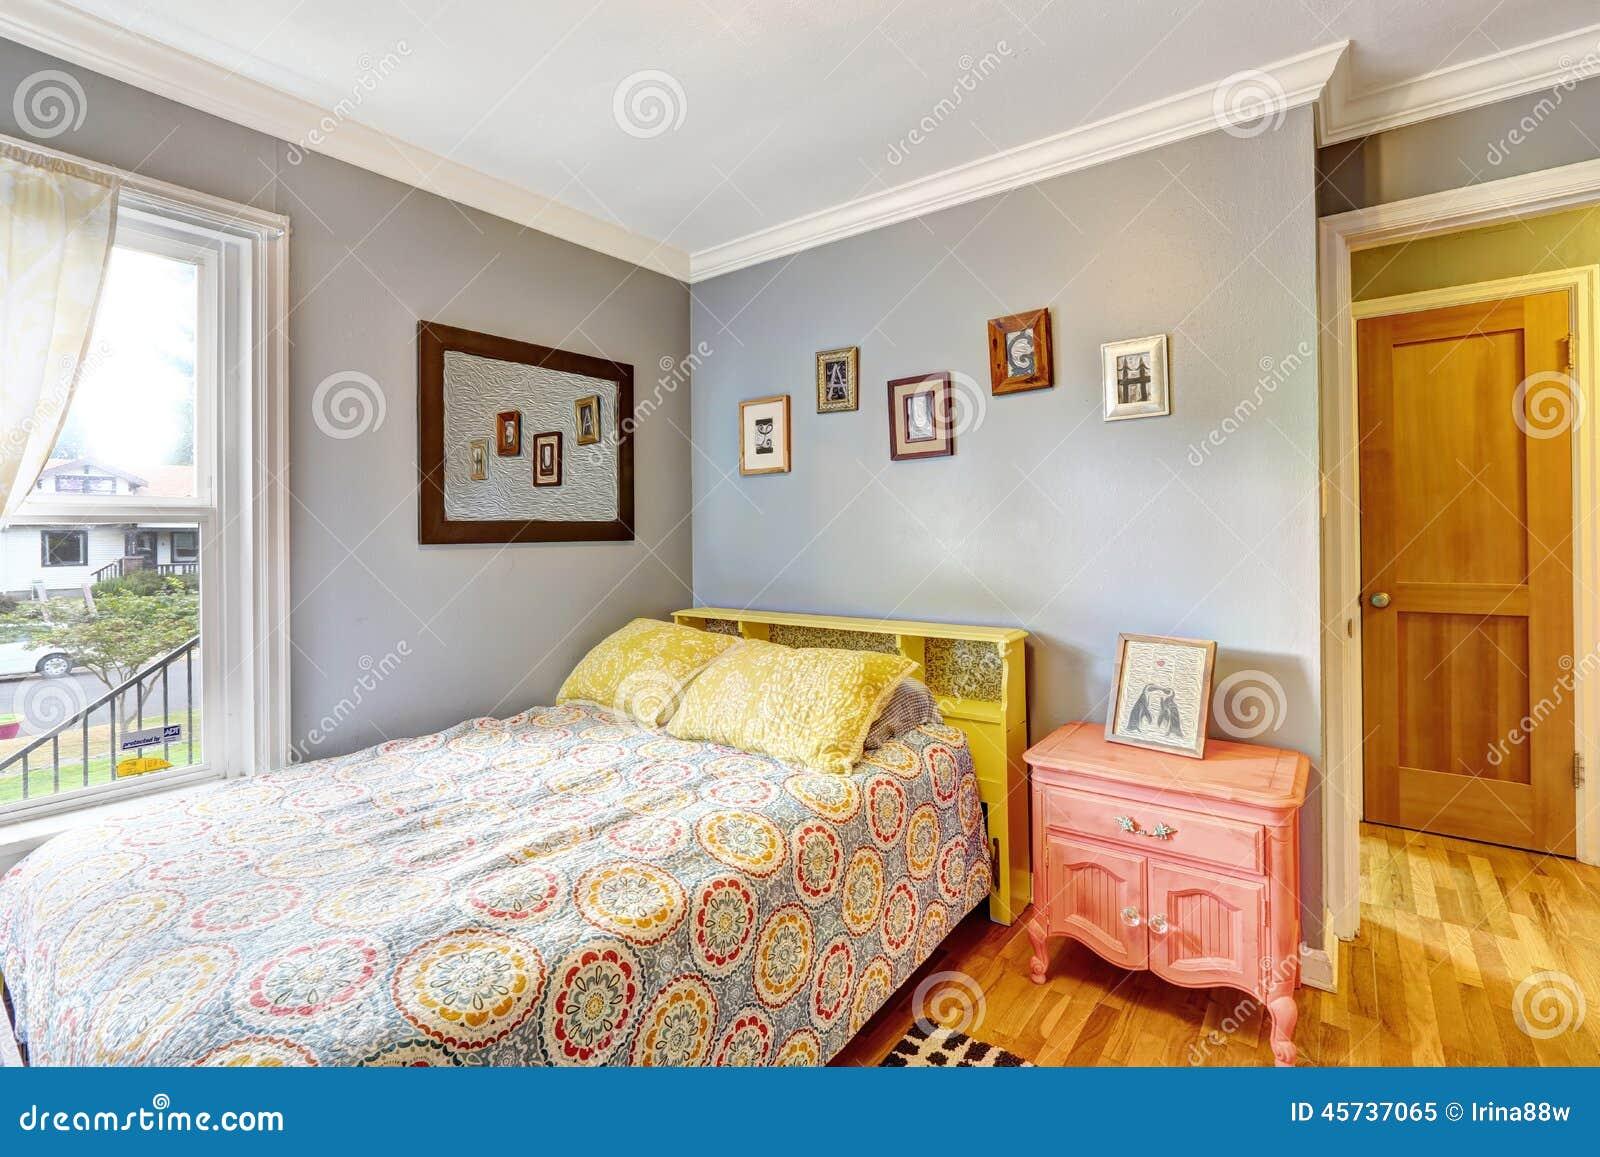 Camera da letto semplice con le pareti blu chiaro immagine stock immagine di yellow - Pareti blu camera da letto ...